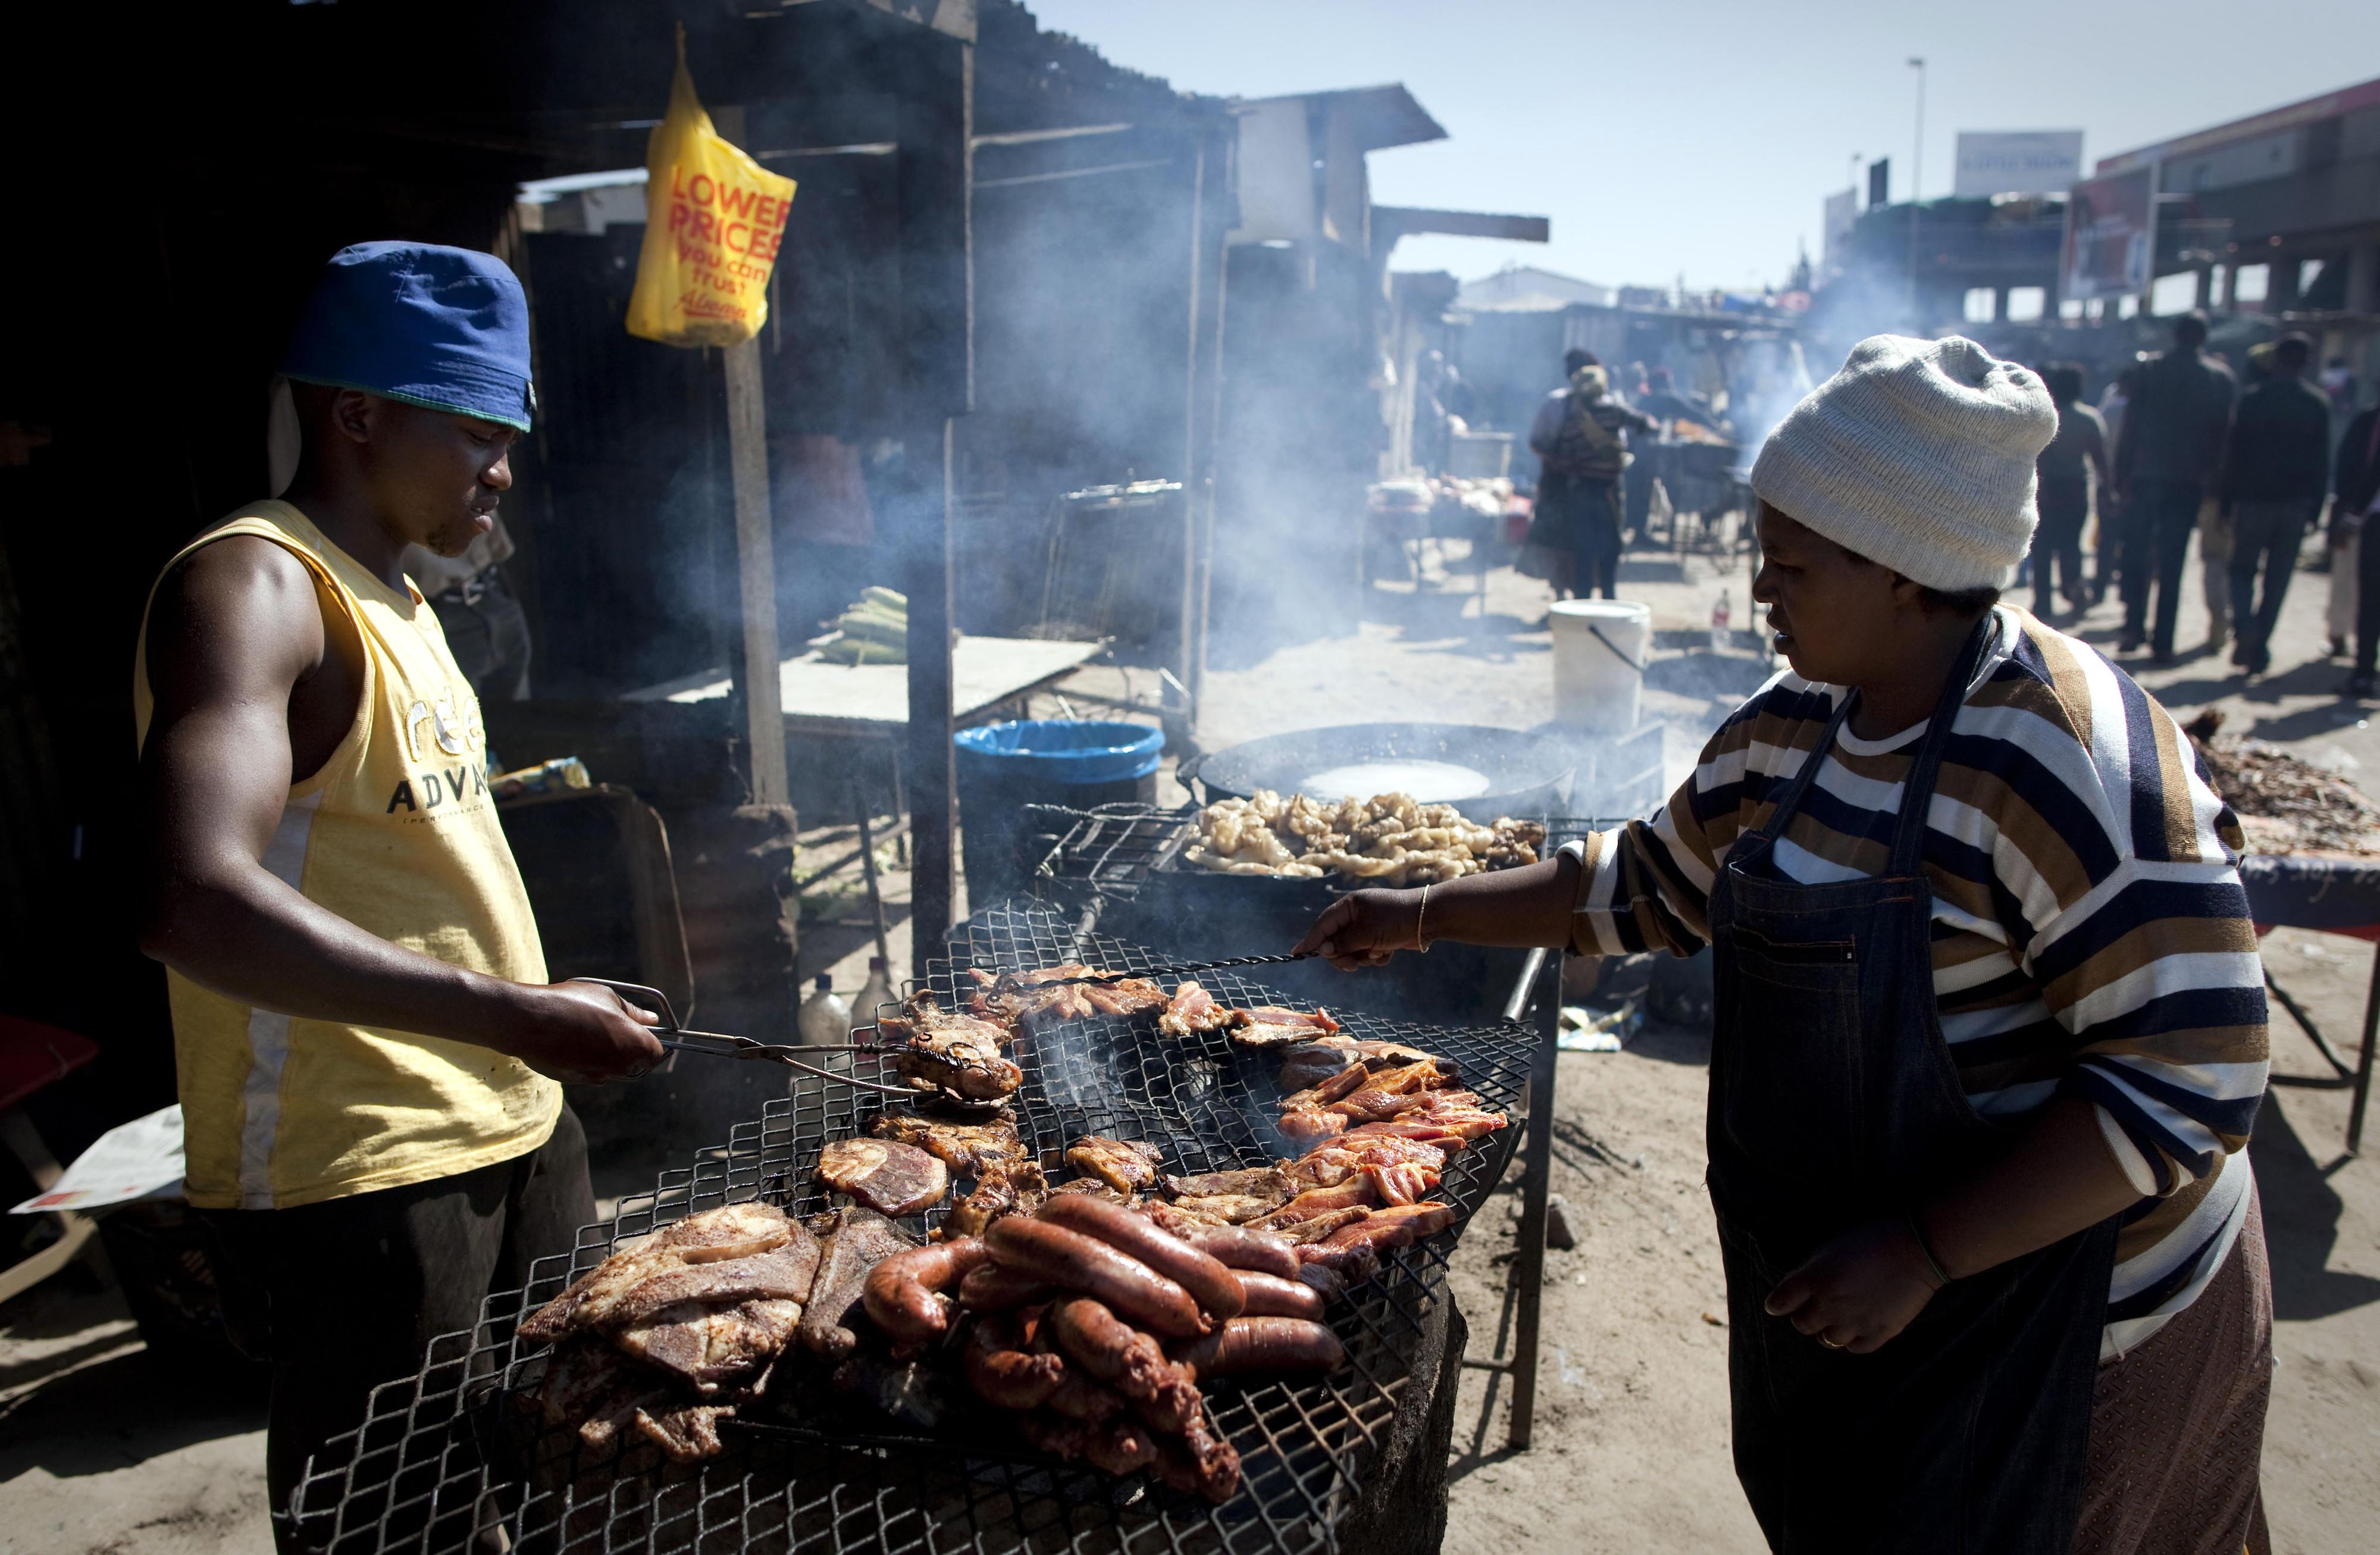 Menschen in einem Armenviertel am Stadtrand von Kapstadt